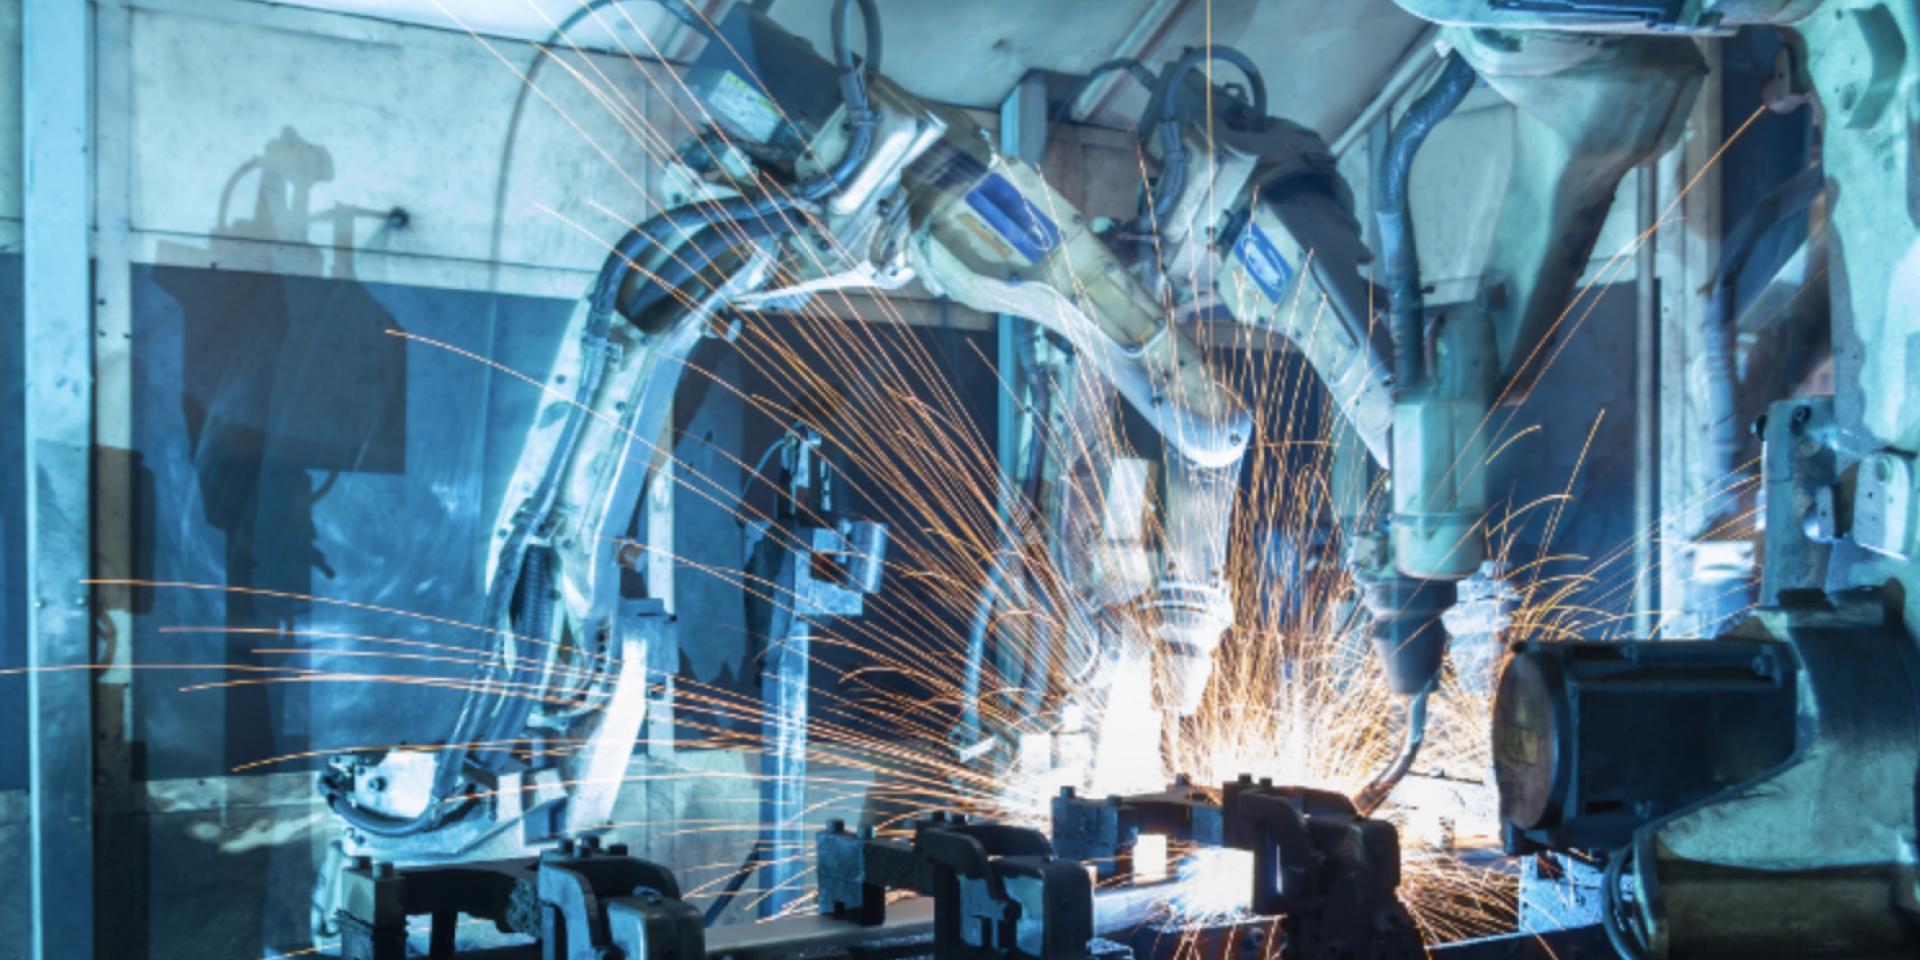 Industria 4.0 y la revolución digital de las empresas